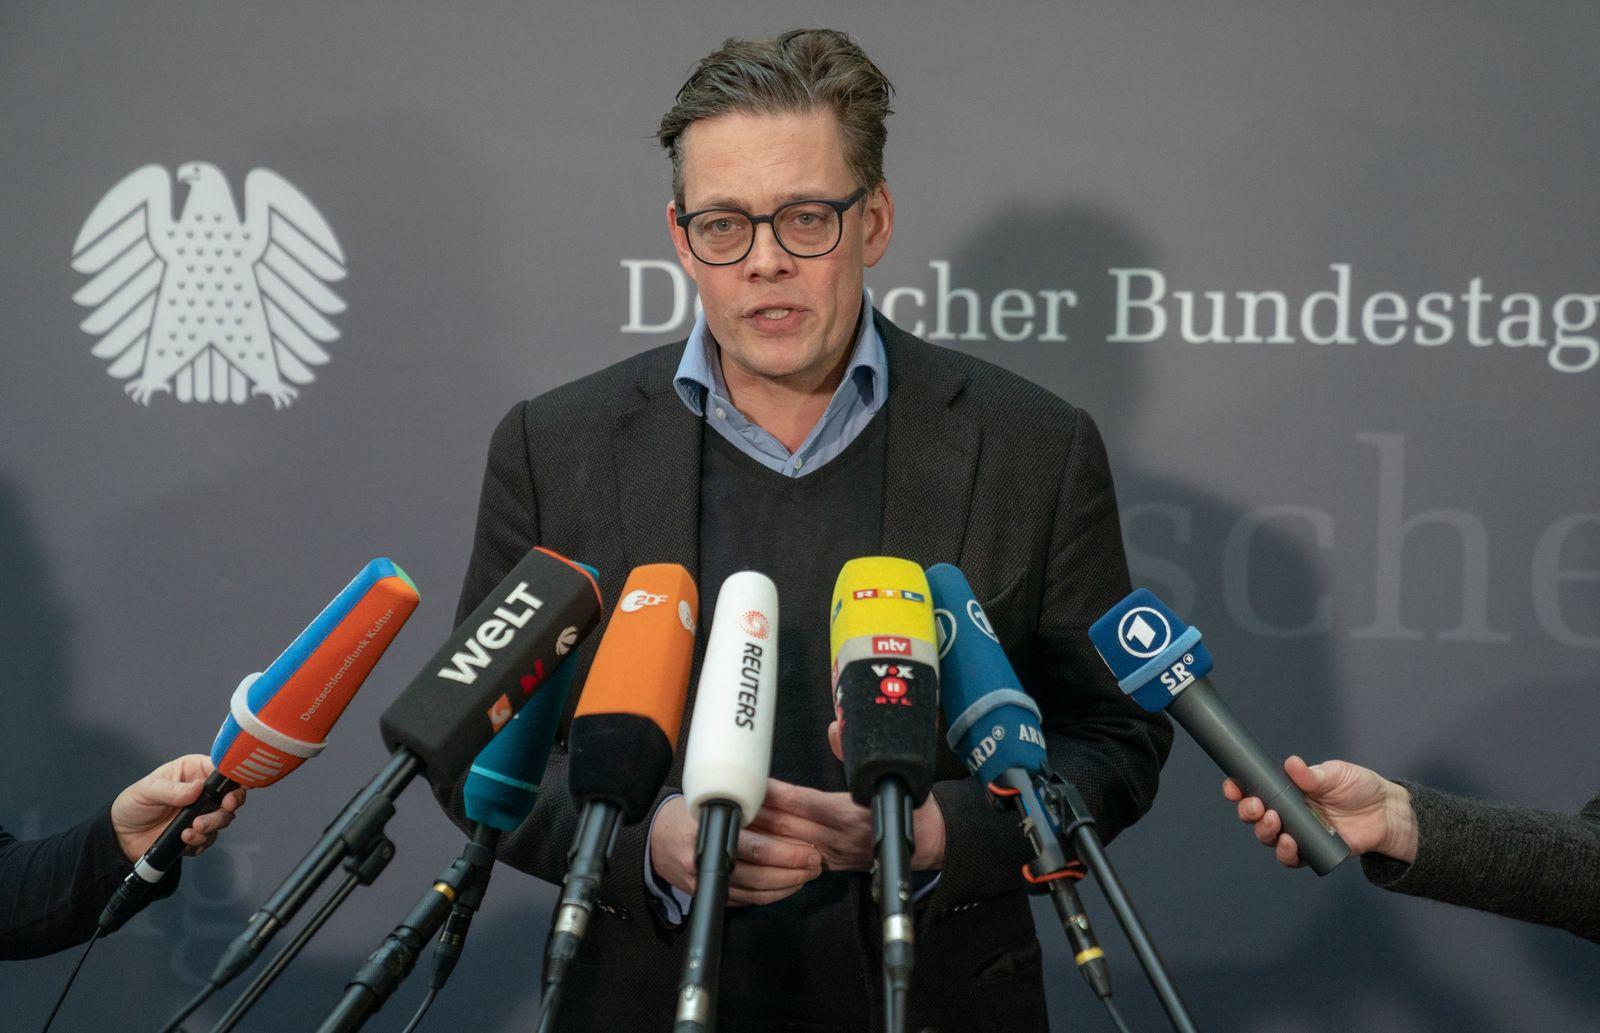 Bundestag Innenausschuss